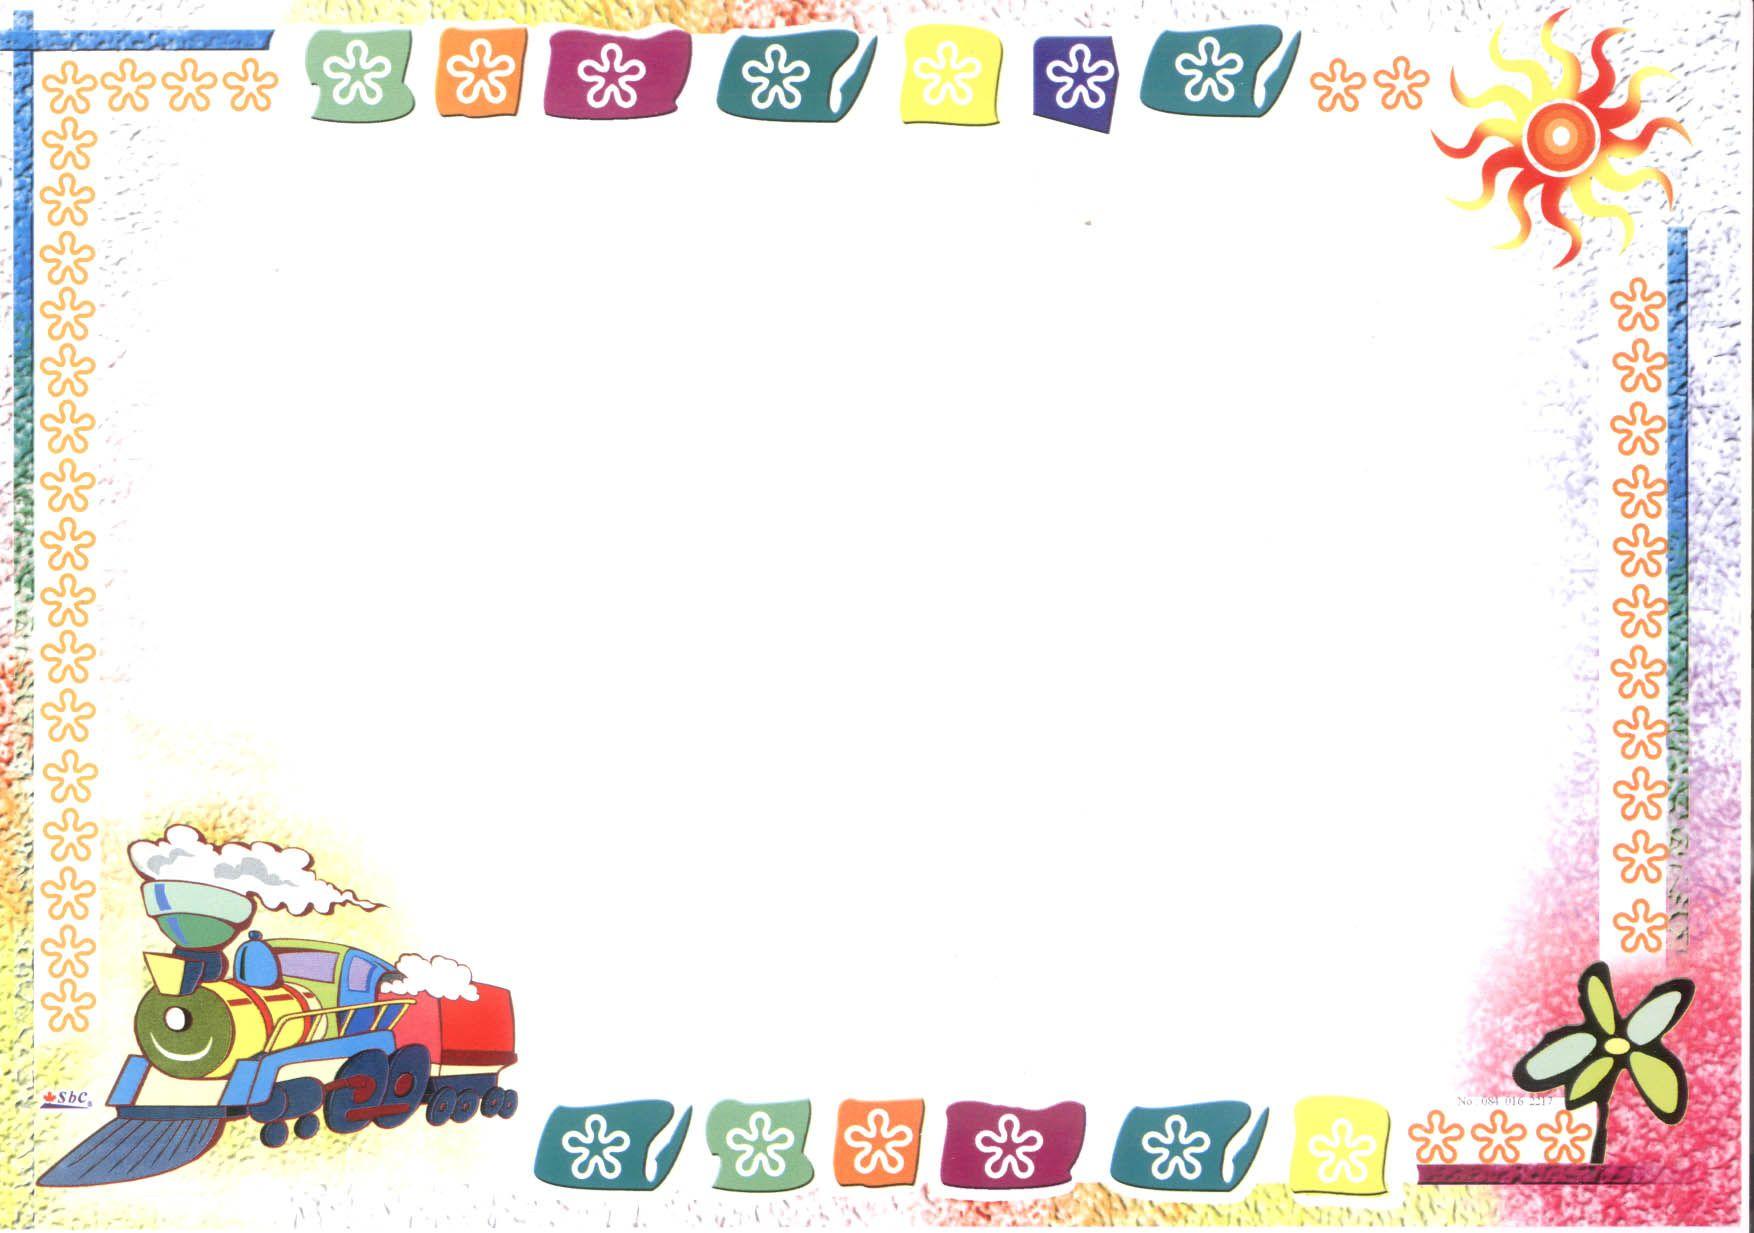 موسوعة كبيرة من شهادات التقدير للتصميم والكتابة عليها2016 Pink Wallpaper Iphone Flower Frame Certificate Background